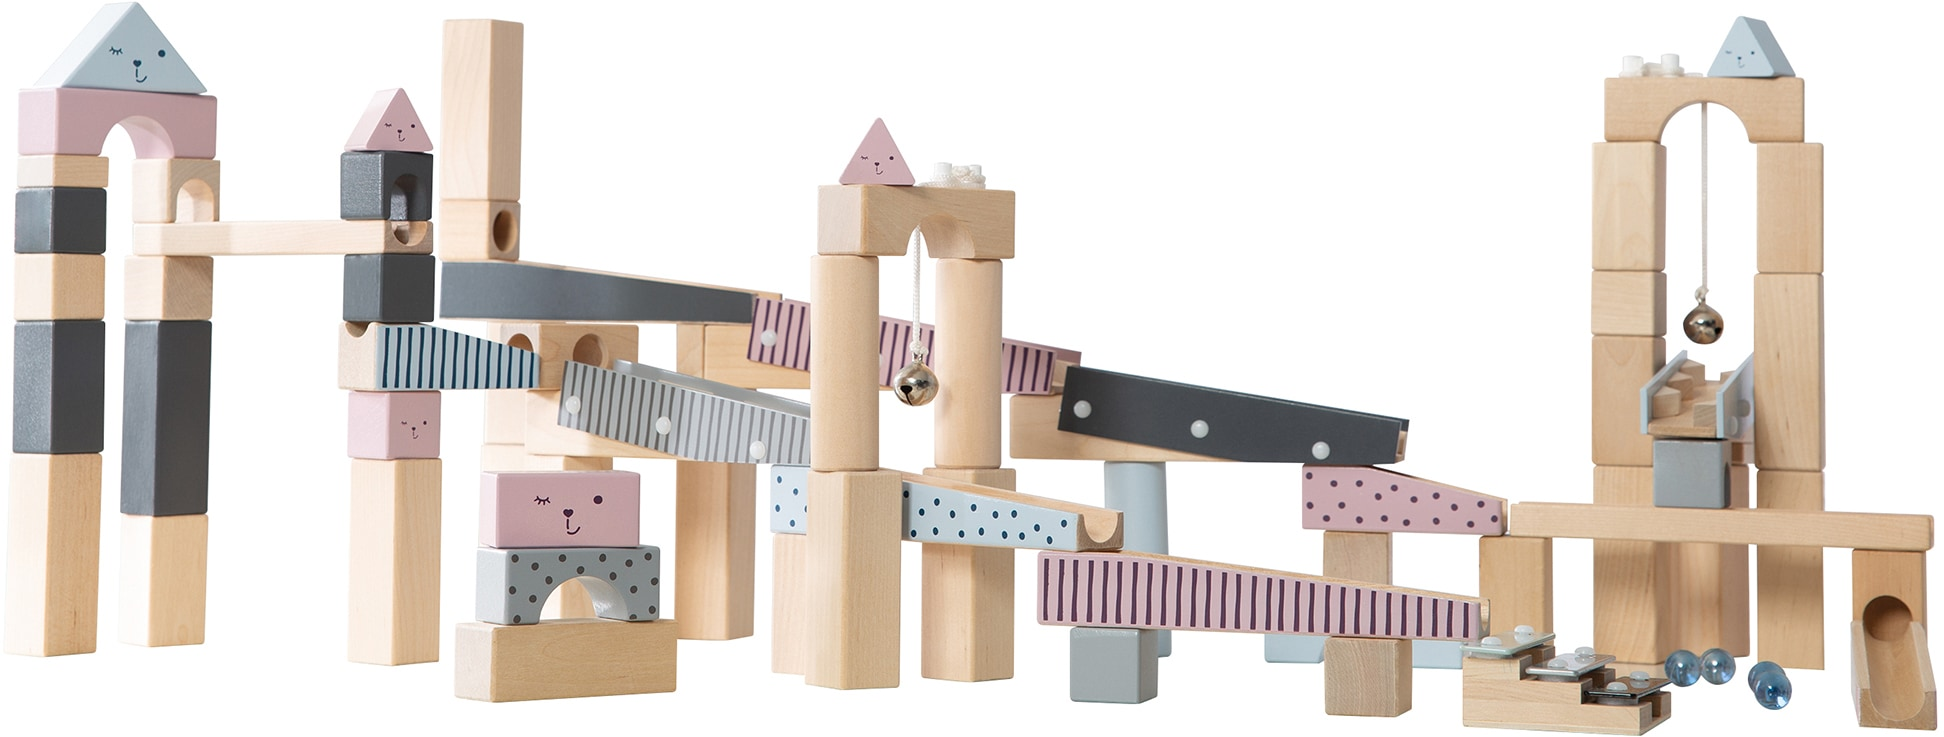 roba Kugelbahn, mit Geräuscheffekten und Glasmurmeln bunt Kinder Bausteine Bausätze Bauen Konstruieren Kugelbahn